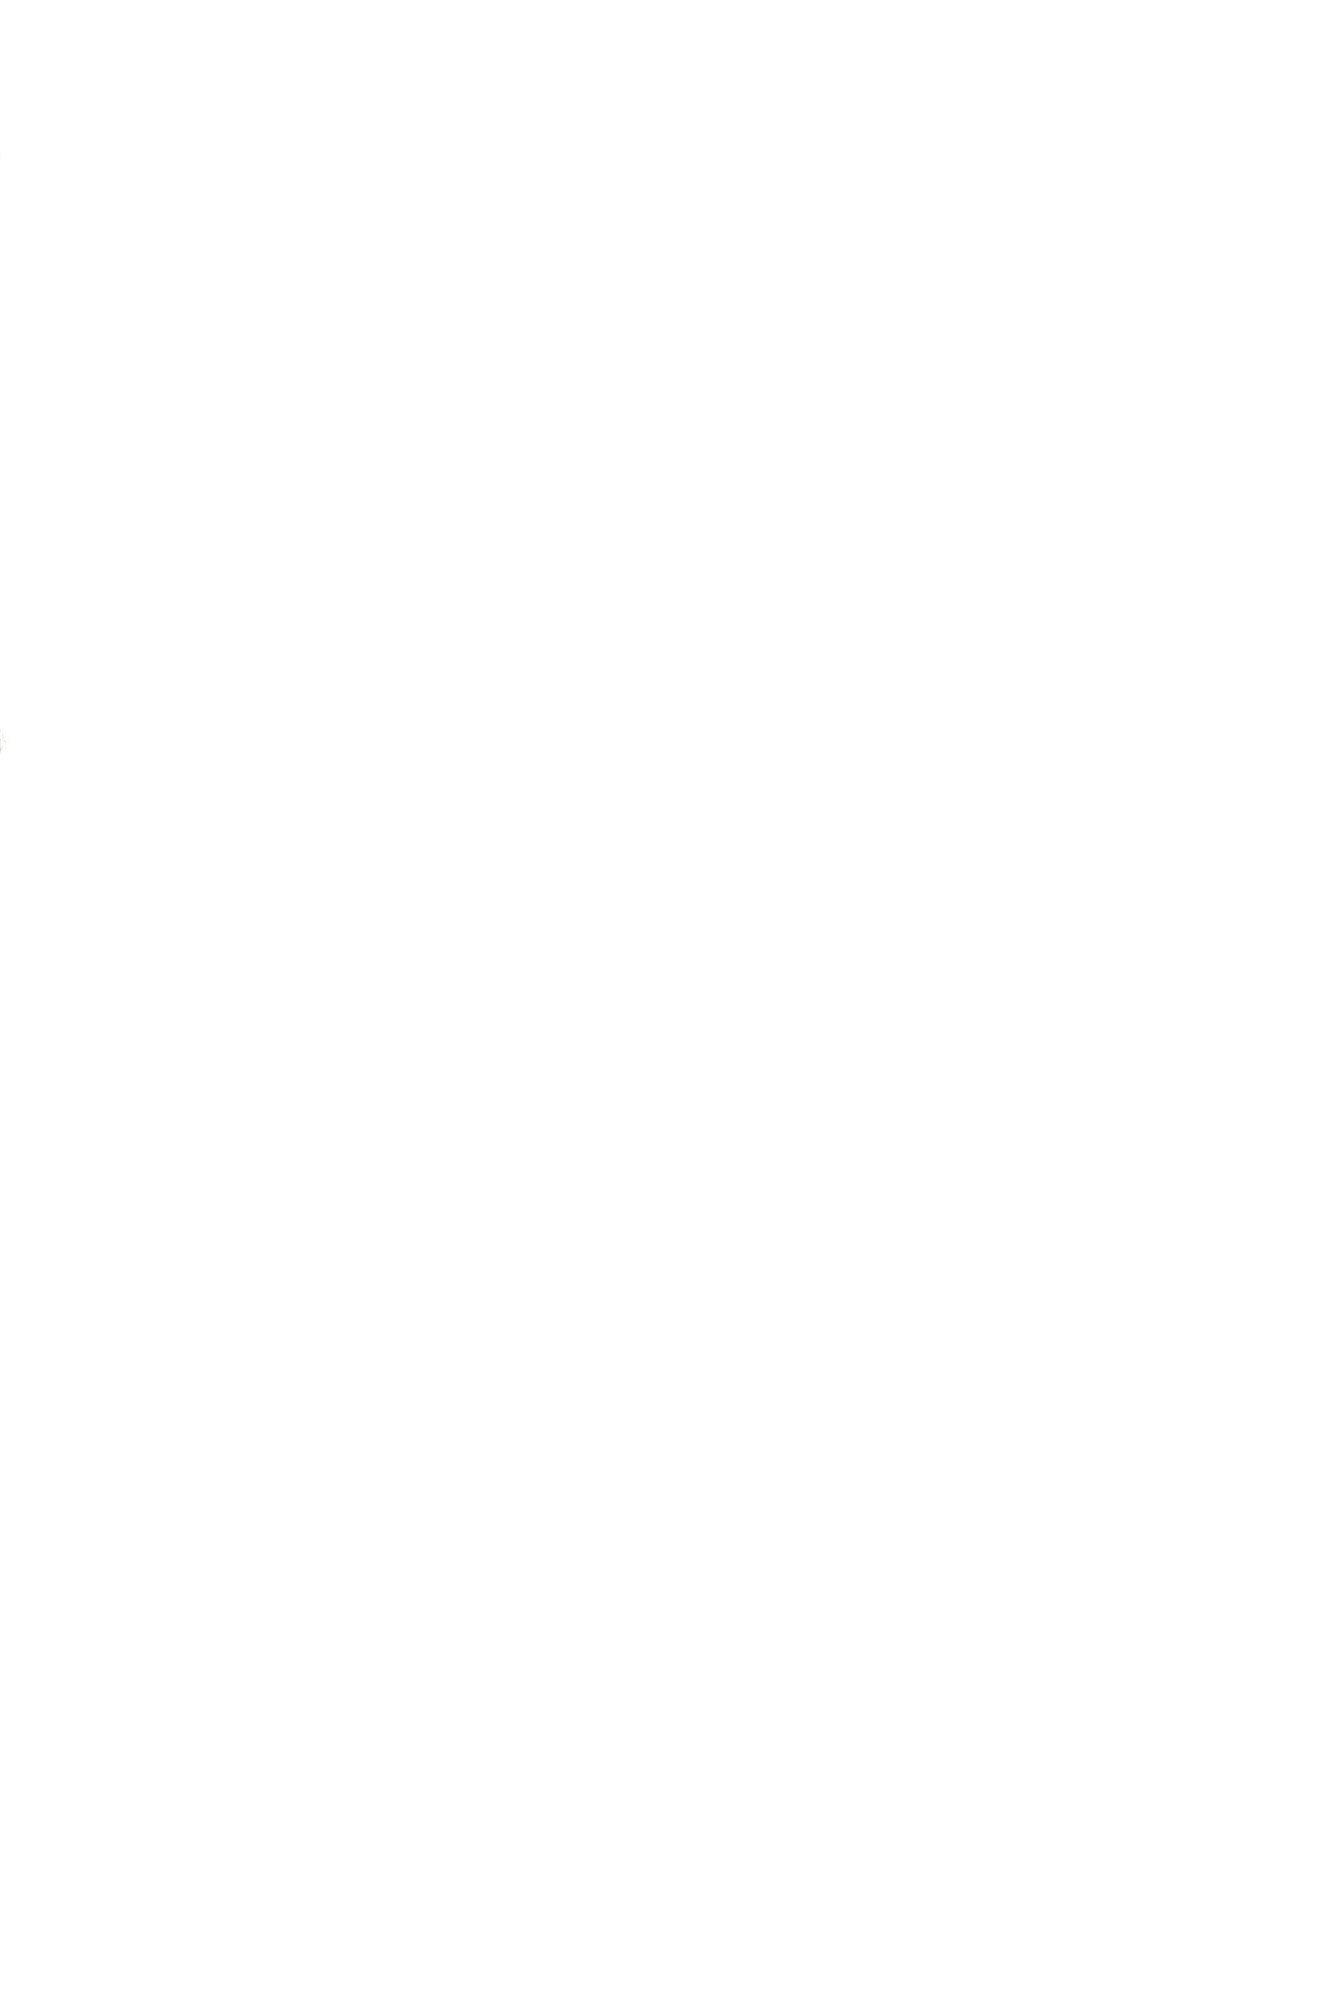 【こどものじかんエロ漫画】ロリ美少女のりんちゃんが鬼畜な同級生に輪姦レイプ陵辱されちゃってるーwww【二次エロ同人誌】